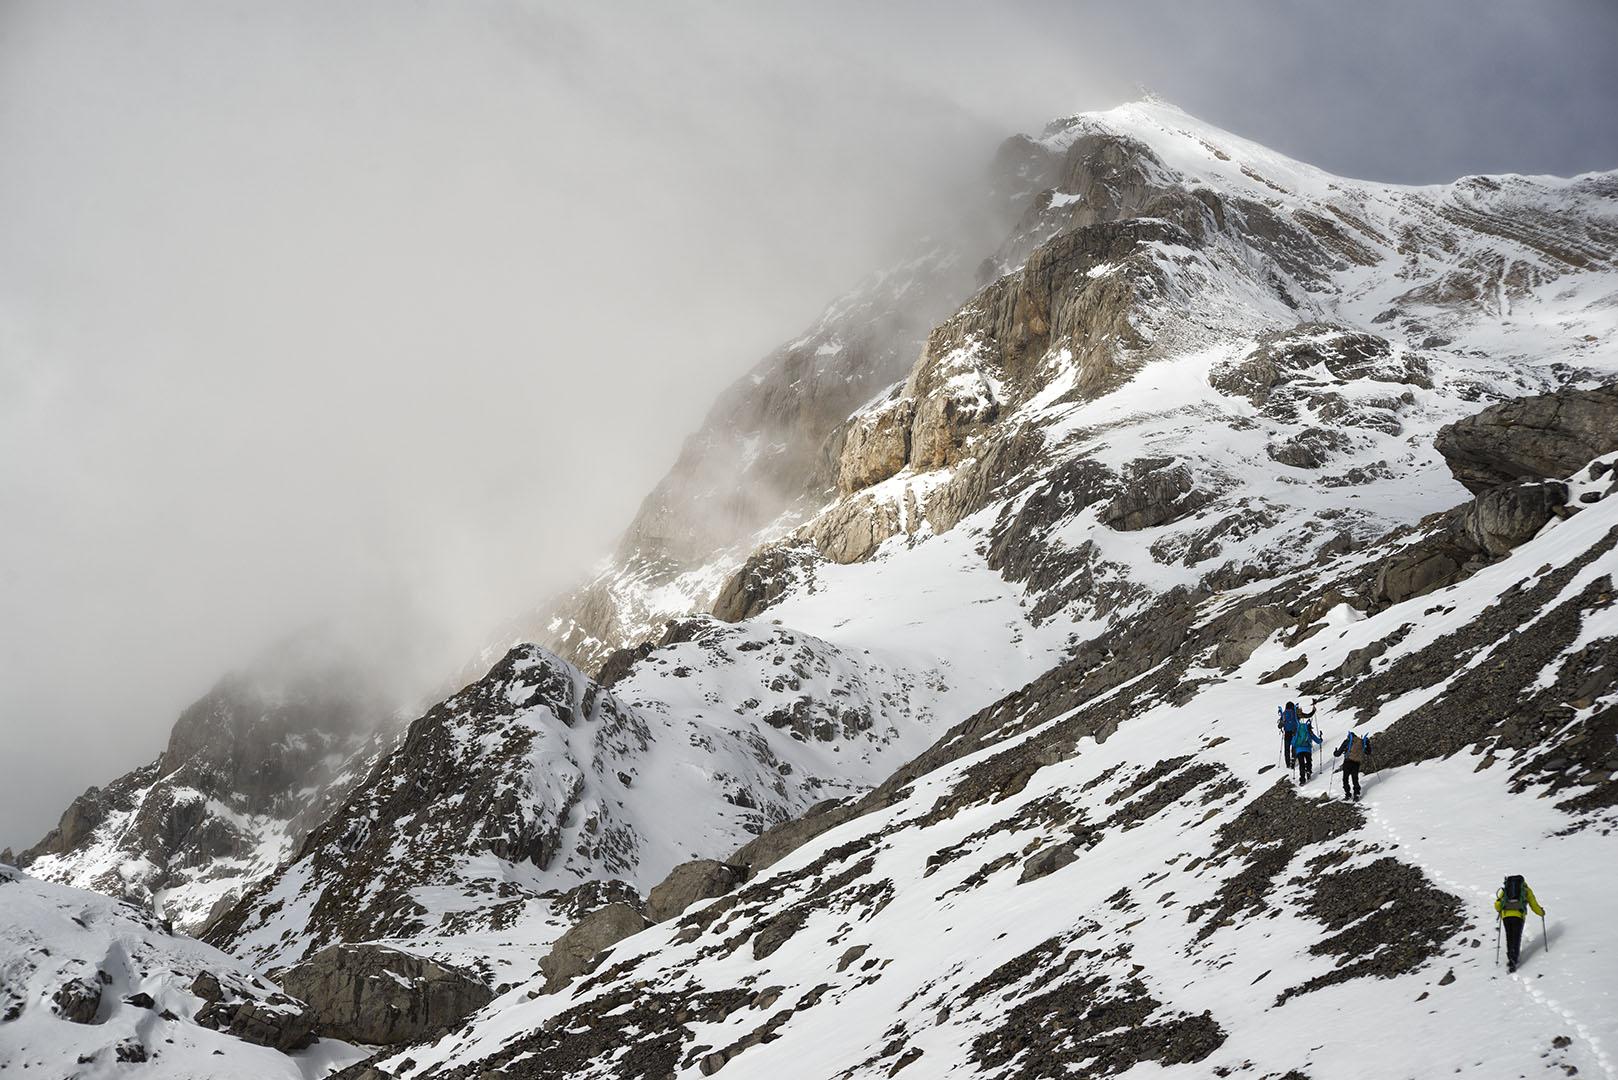 EL templo de nuestro culto, Tendeñera, Pirineos. - Deportes y aventuras - Iñaki Larrea, Fotografía de naturaleza y montaña